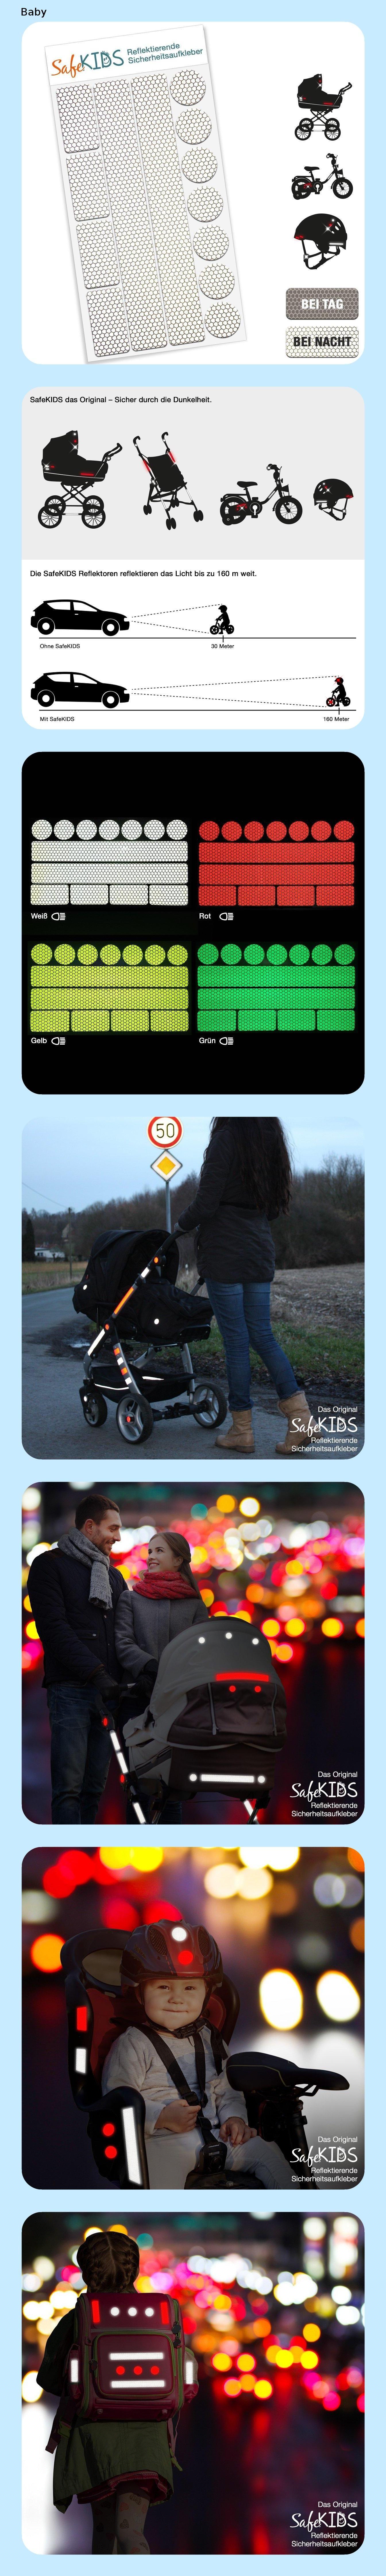 Motoking Safekids Leuchtaufkleber Weiss 13 Stuck Fur Kinderwagen Fahrrad Helm Und Mehr Kinder Wagen Kinderwagen Aufkleber